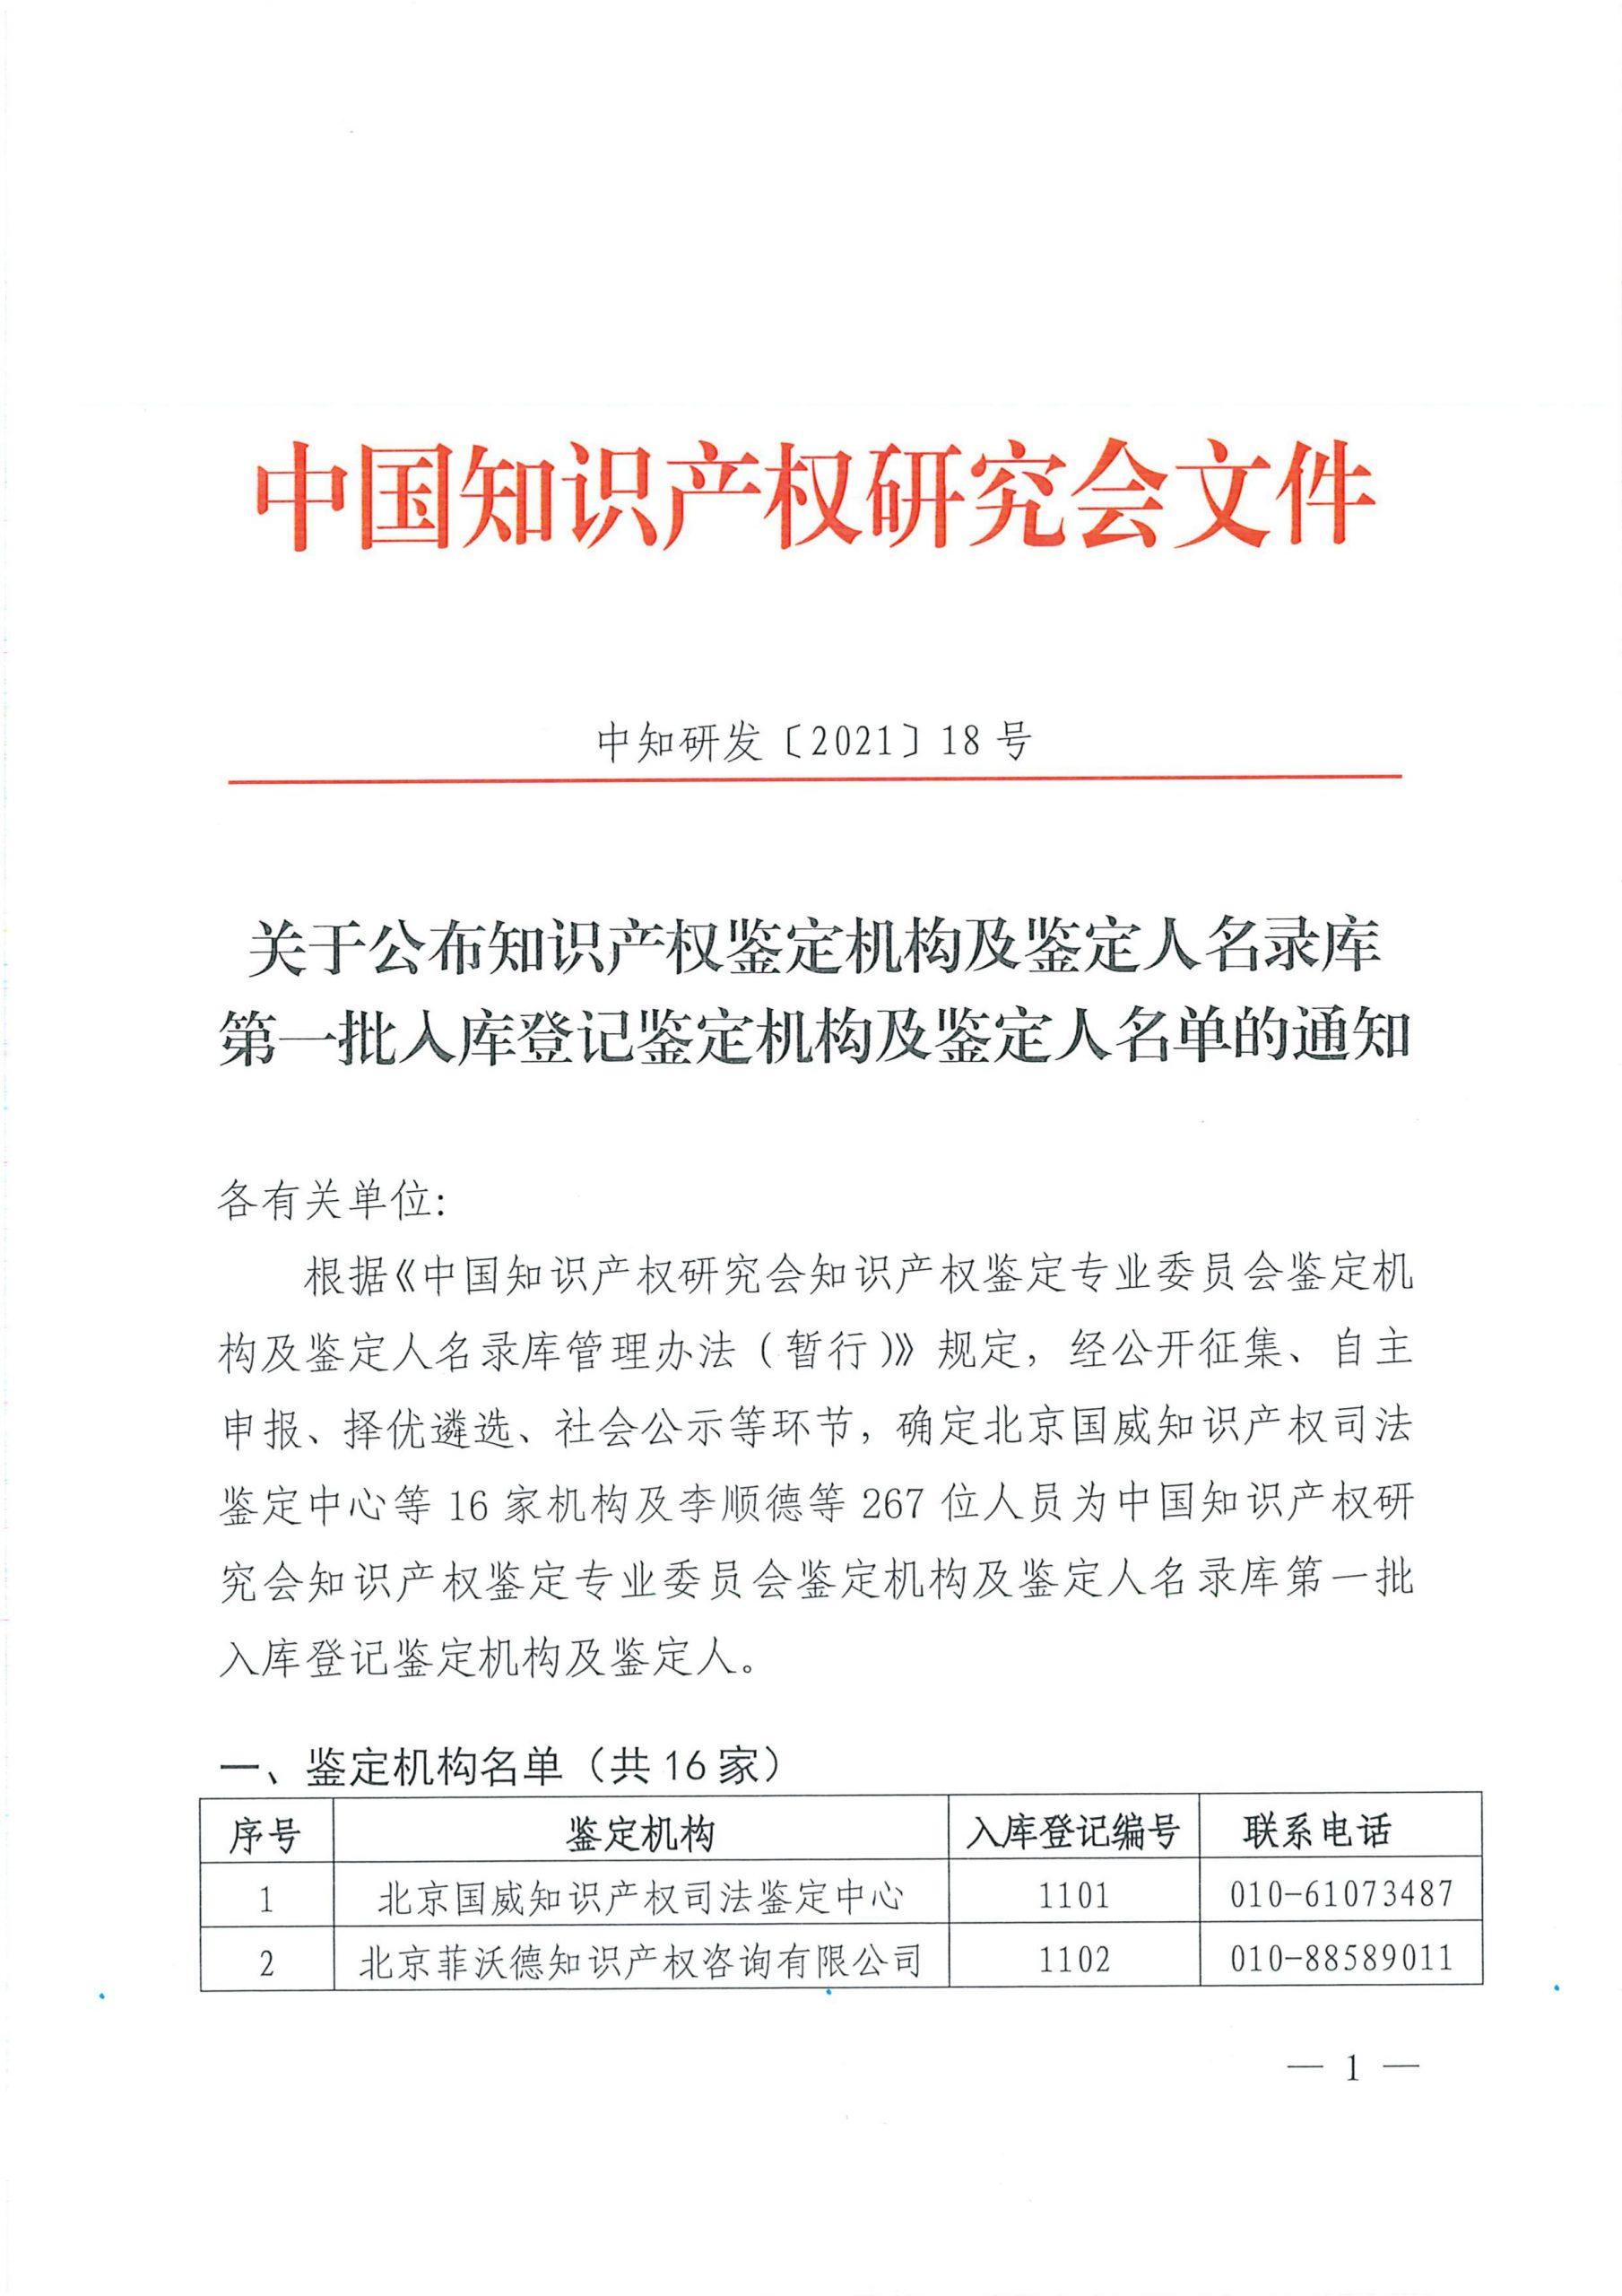 中国知识产权研究会公布知识产权鉴定机构及鉴定人名录库的通知